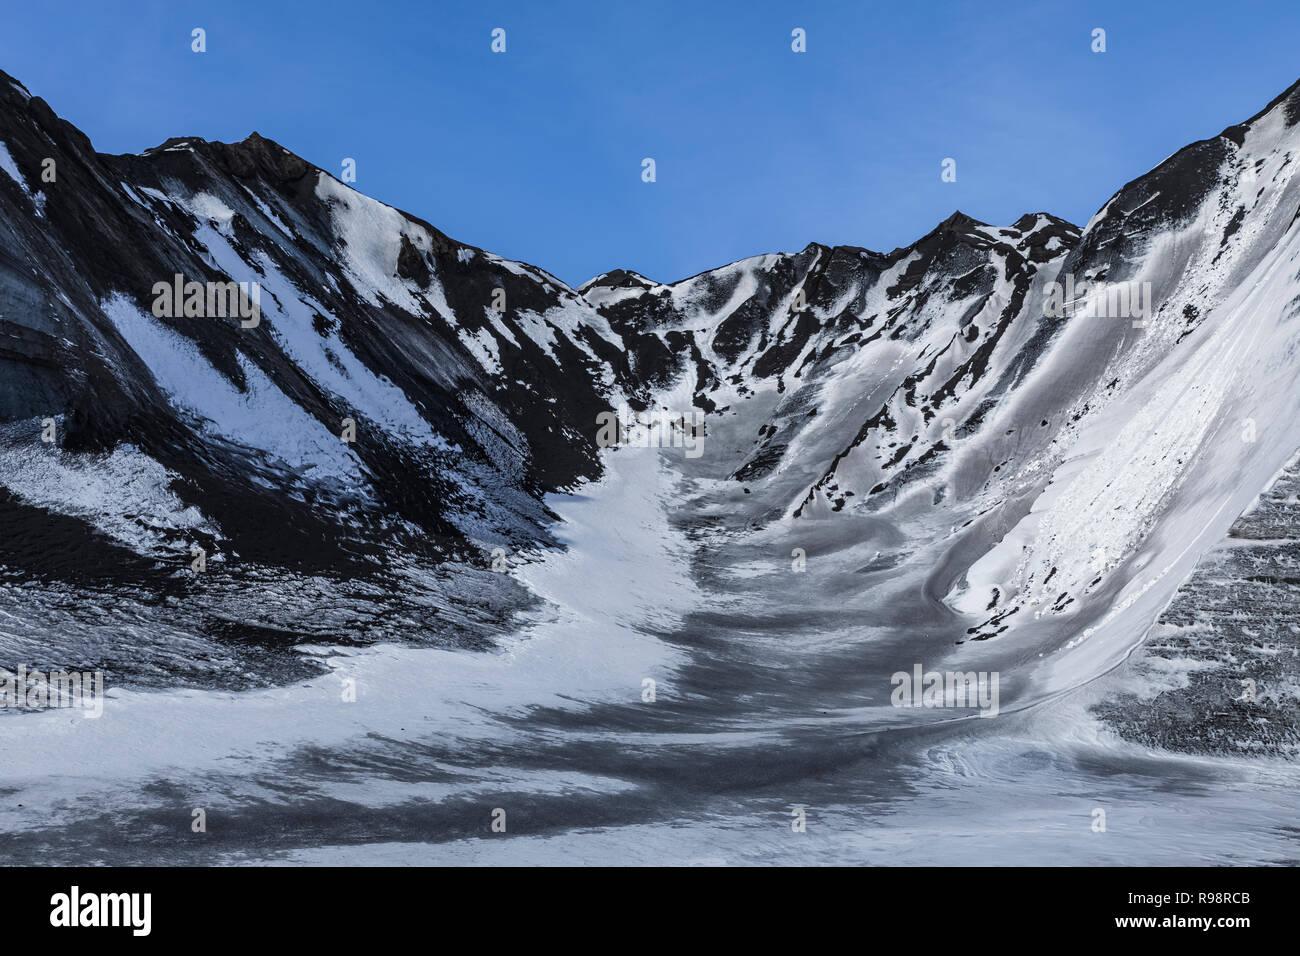 Endstation der Gletscher Ice Cave Tour zu einer Nocke der Gletscher Myrdalsjökull, die auf Katla Vulkan sitzt gesehen, im Winter in Island Stockfoto